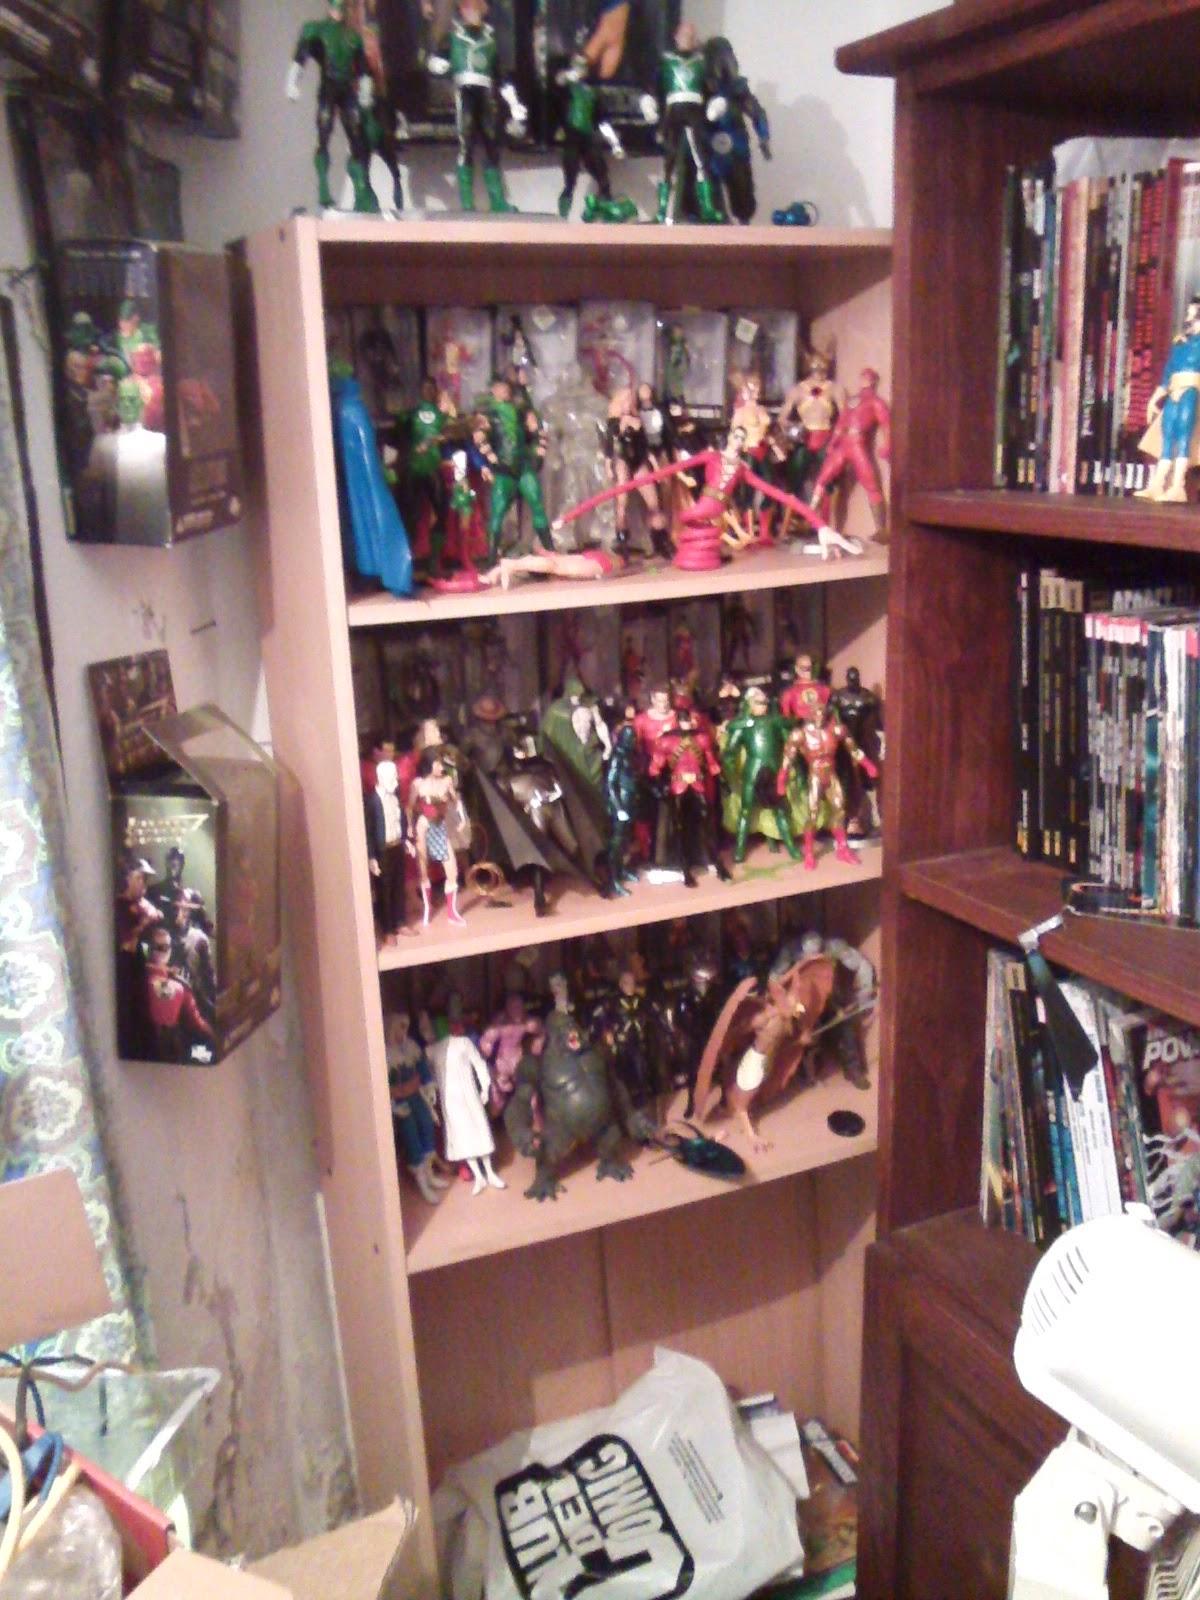 [COMICS] Colecciones de Comics ¿Quién la tiene más grande?  - Página 6 CAM01227